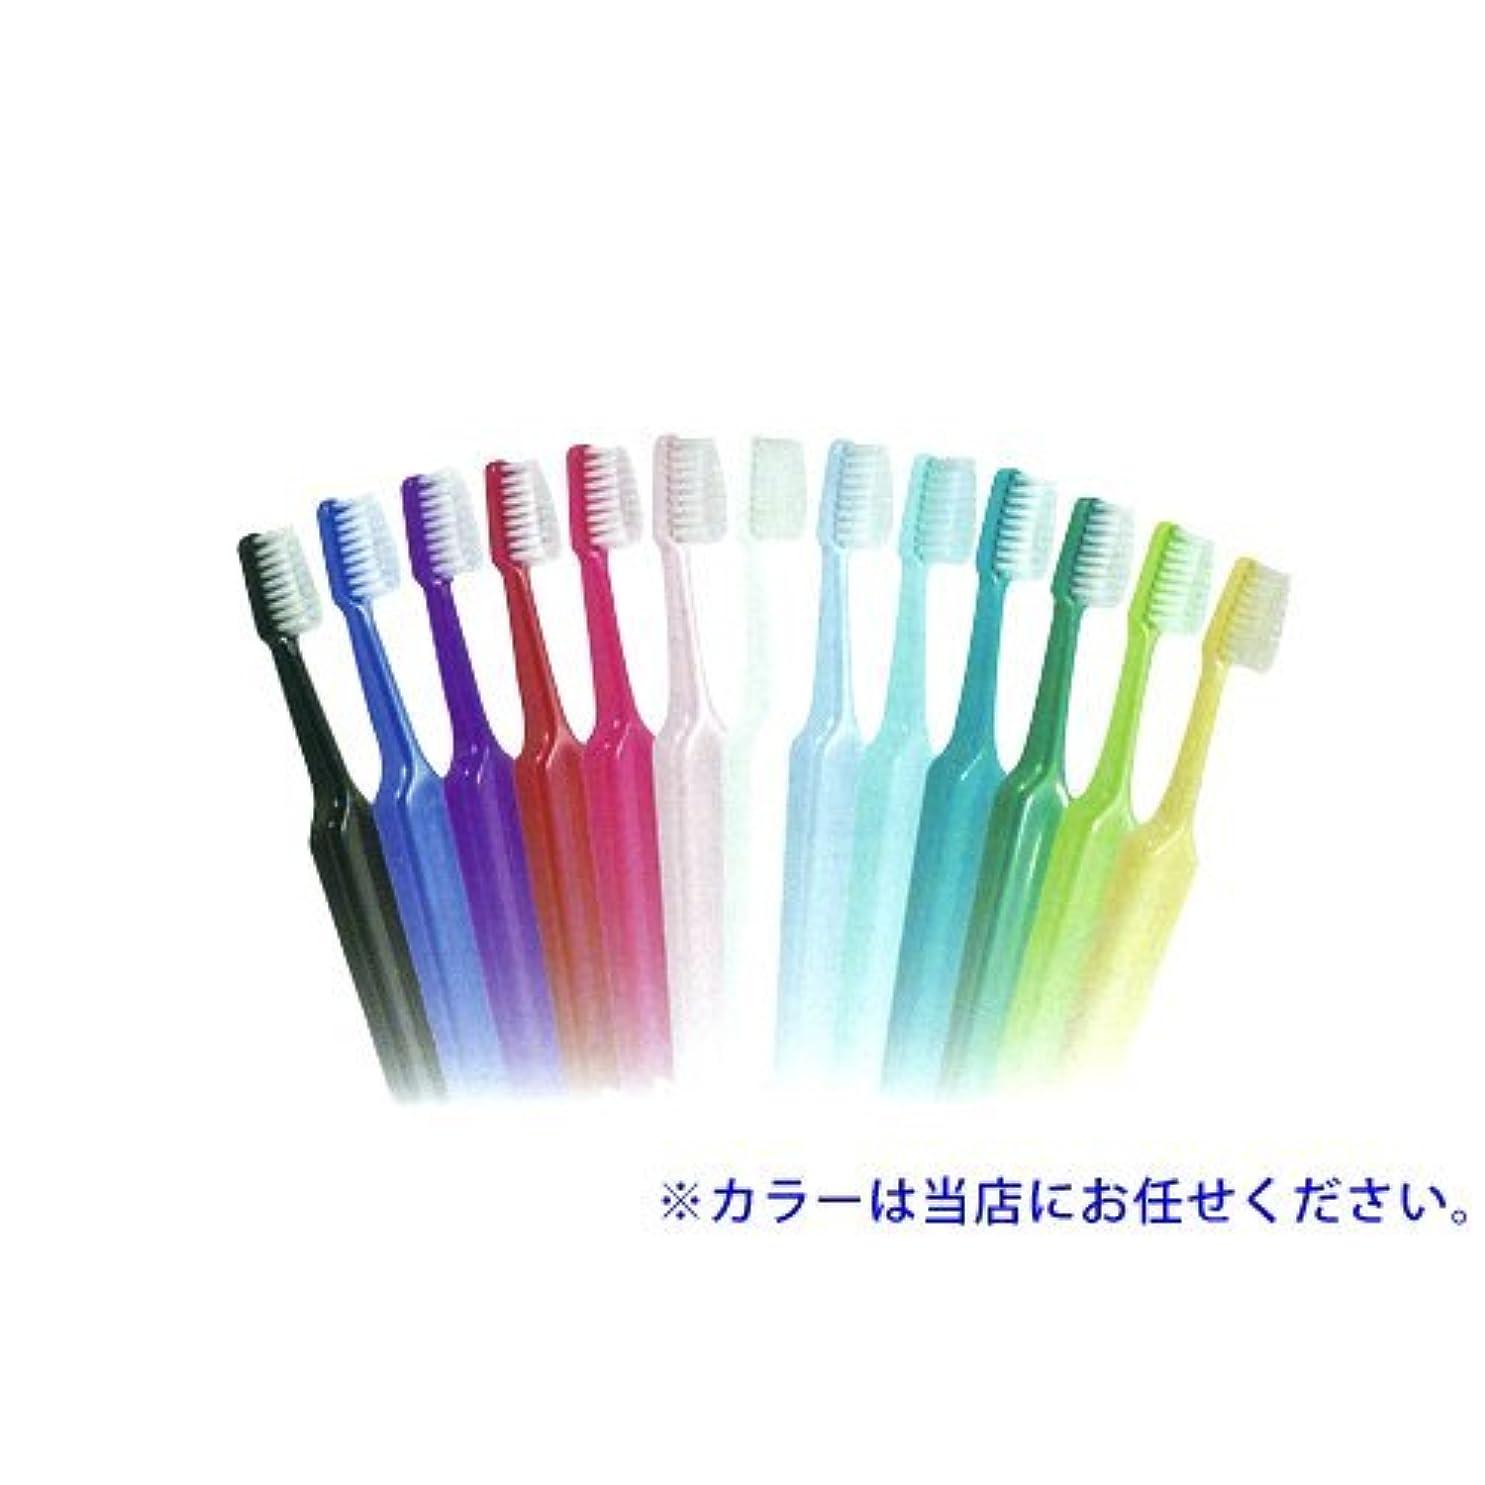 ファーザーファージュ動機インサートクロスフィールド TePe テペ セレクトコンパクト 歯ブラシ 1本 コンパクト エクストラソフト